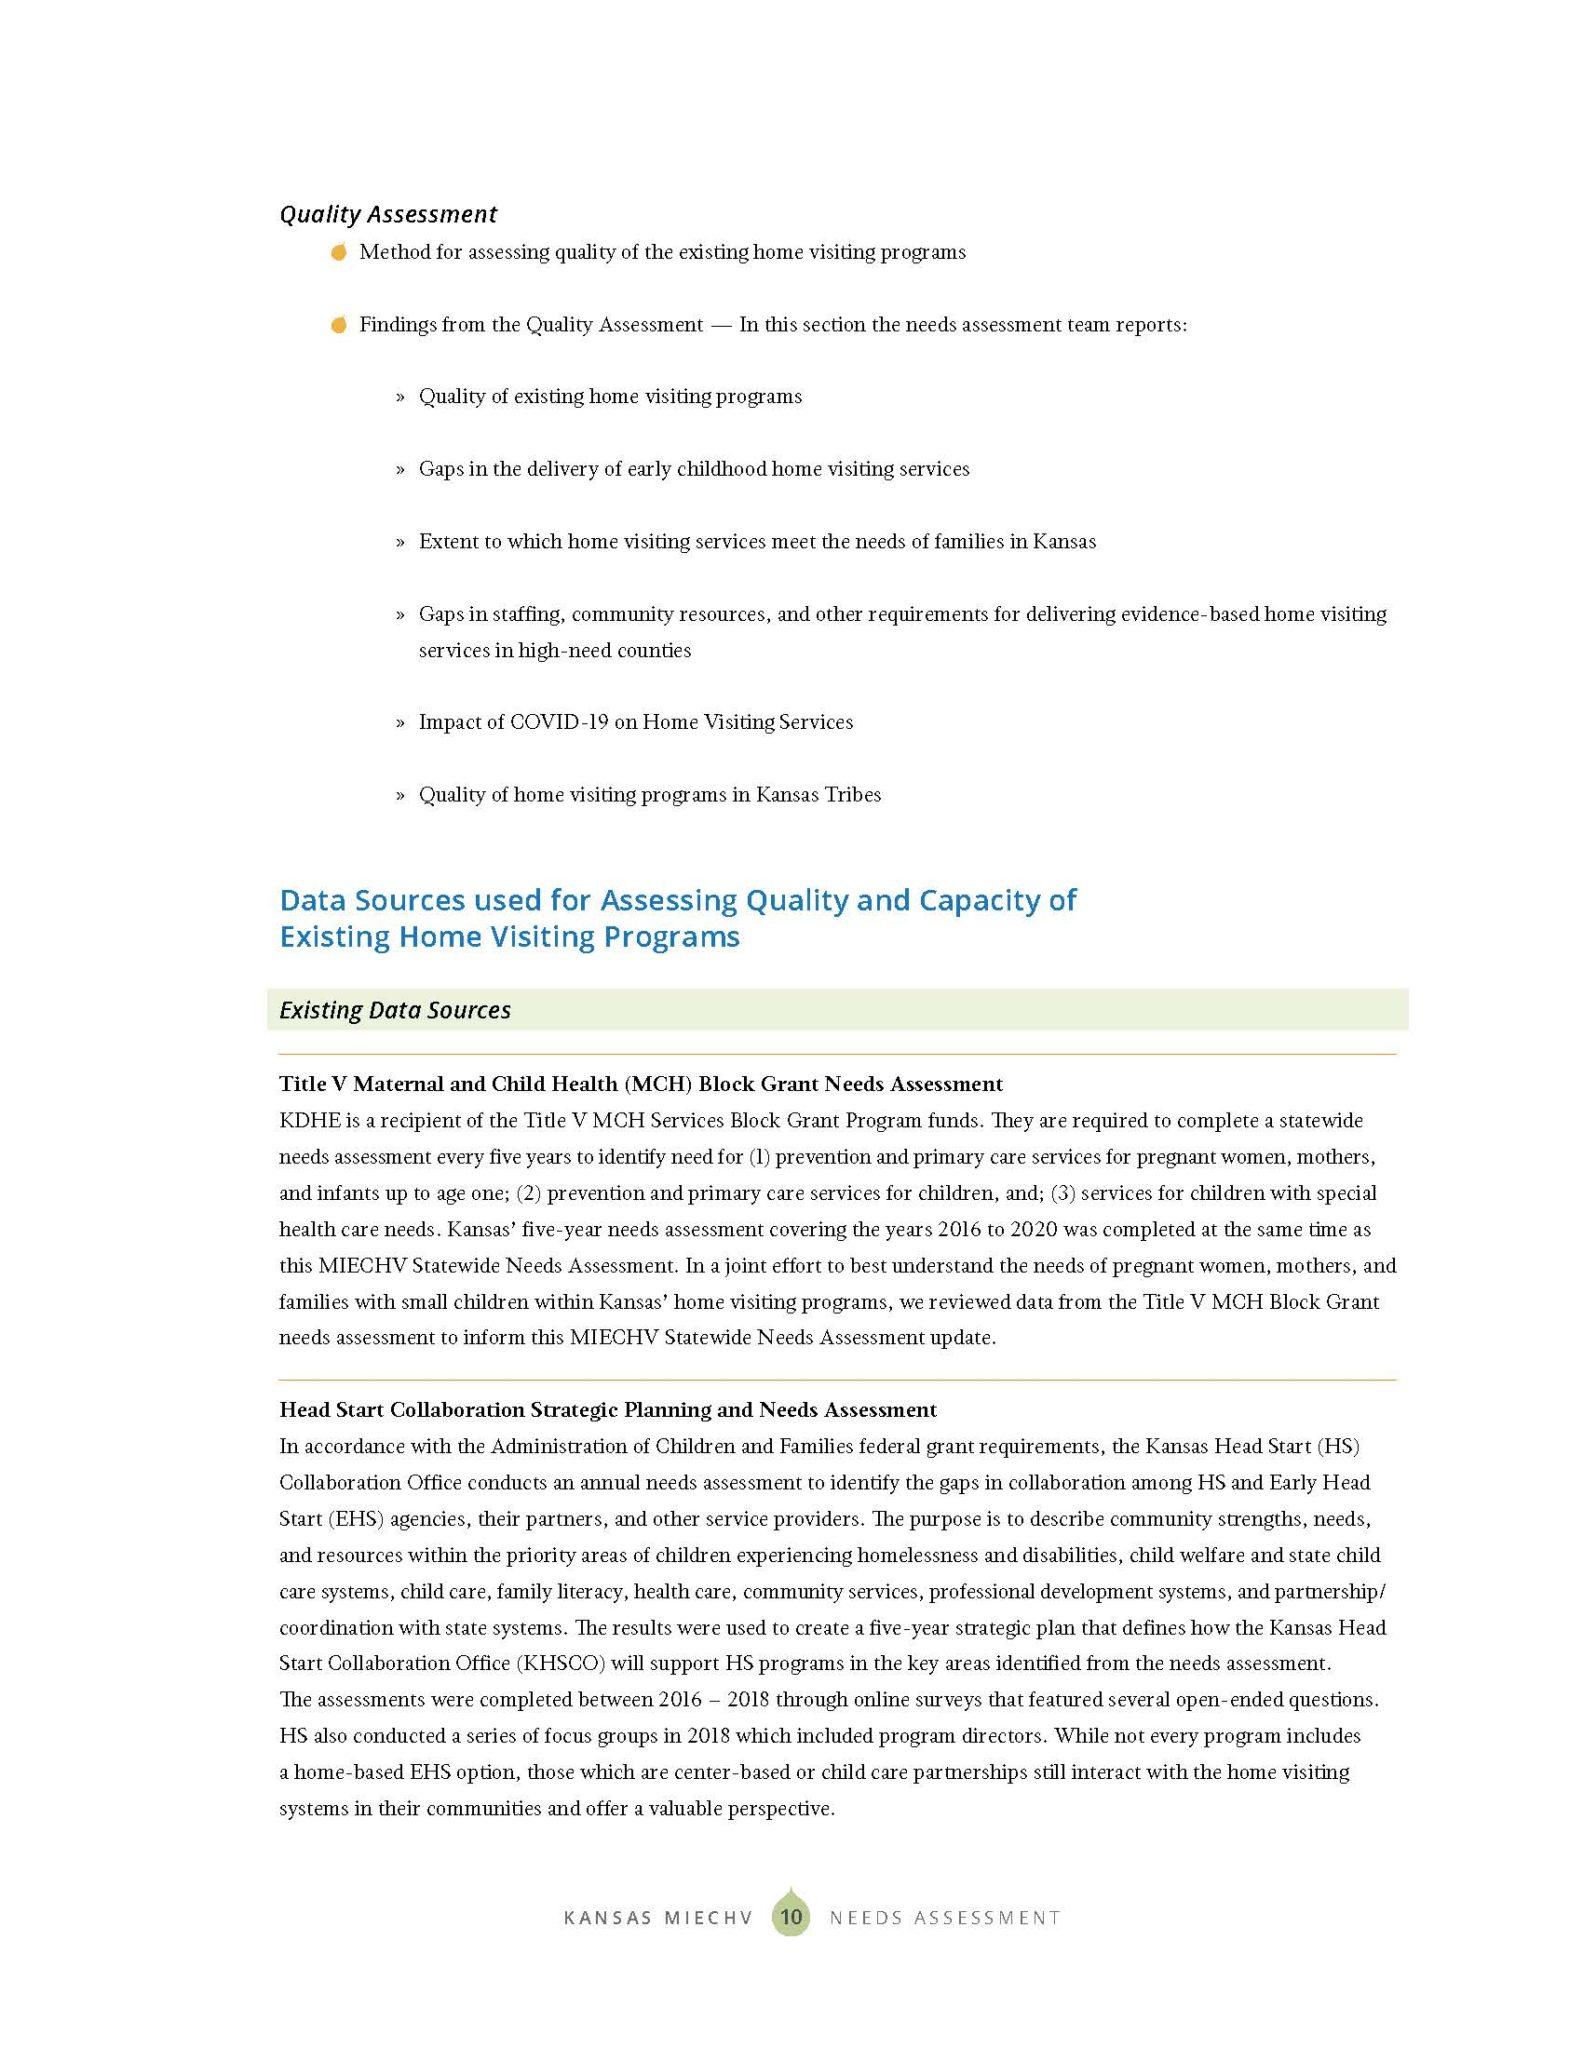 KS MIECHV 2020 Needs Assessment_DIGITAL_Page_018